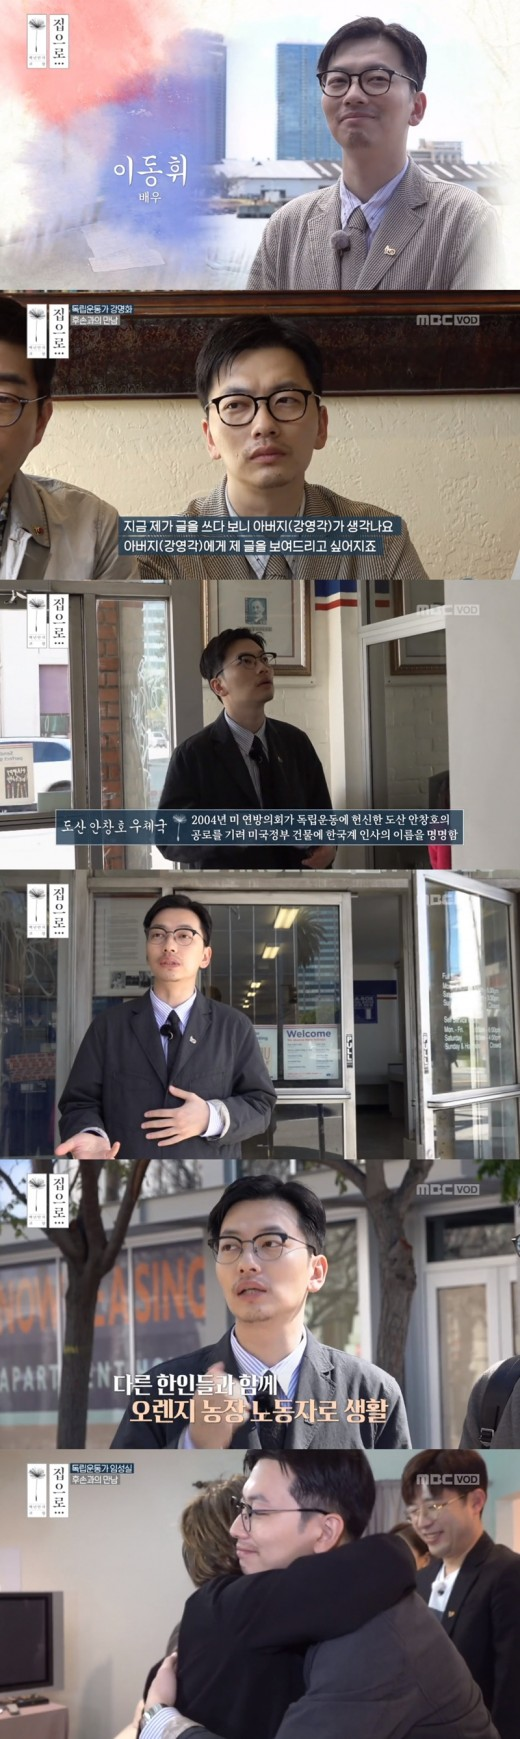 '집으로' 이동휘, 독립운동가 후손 만났다…의미 있는 활약